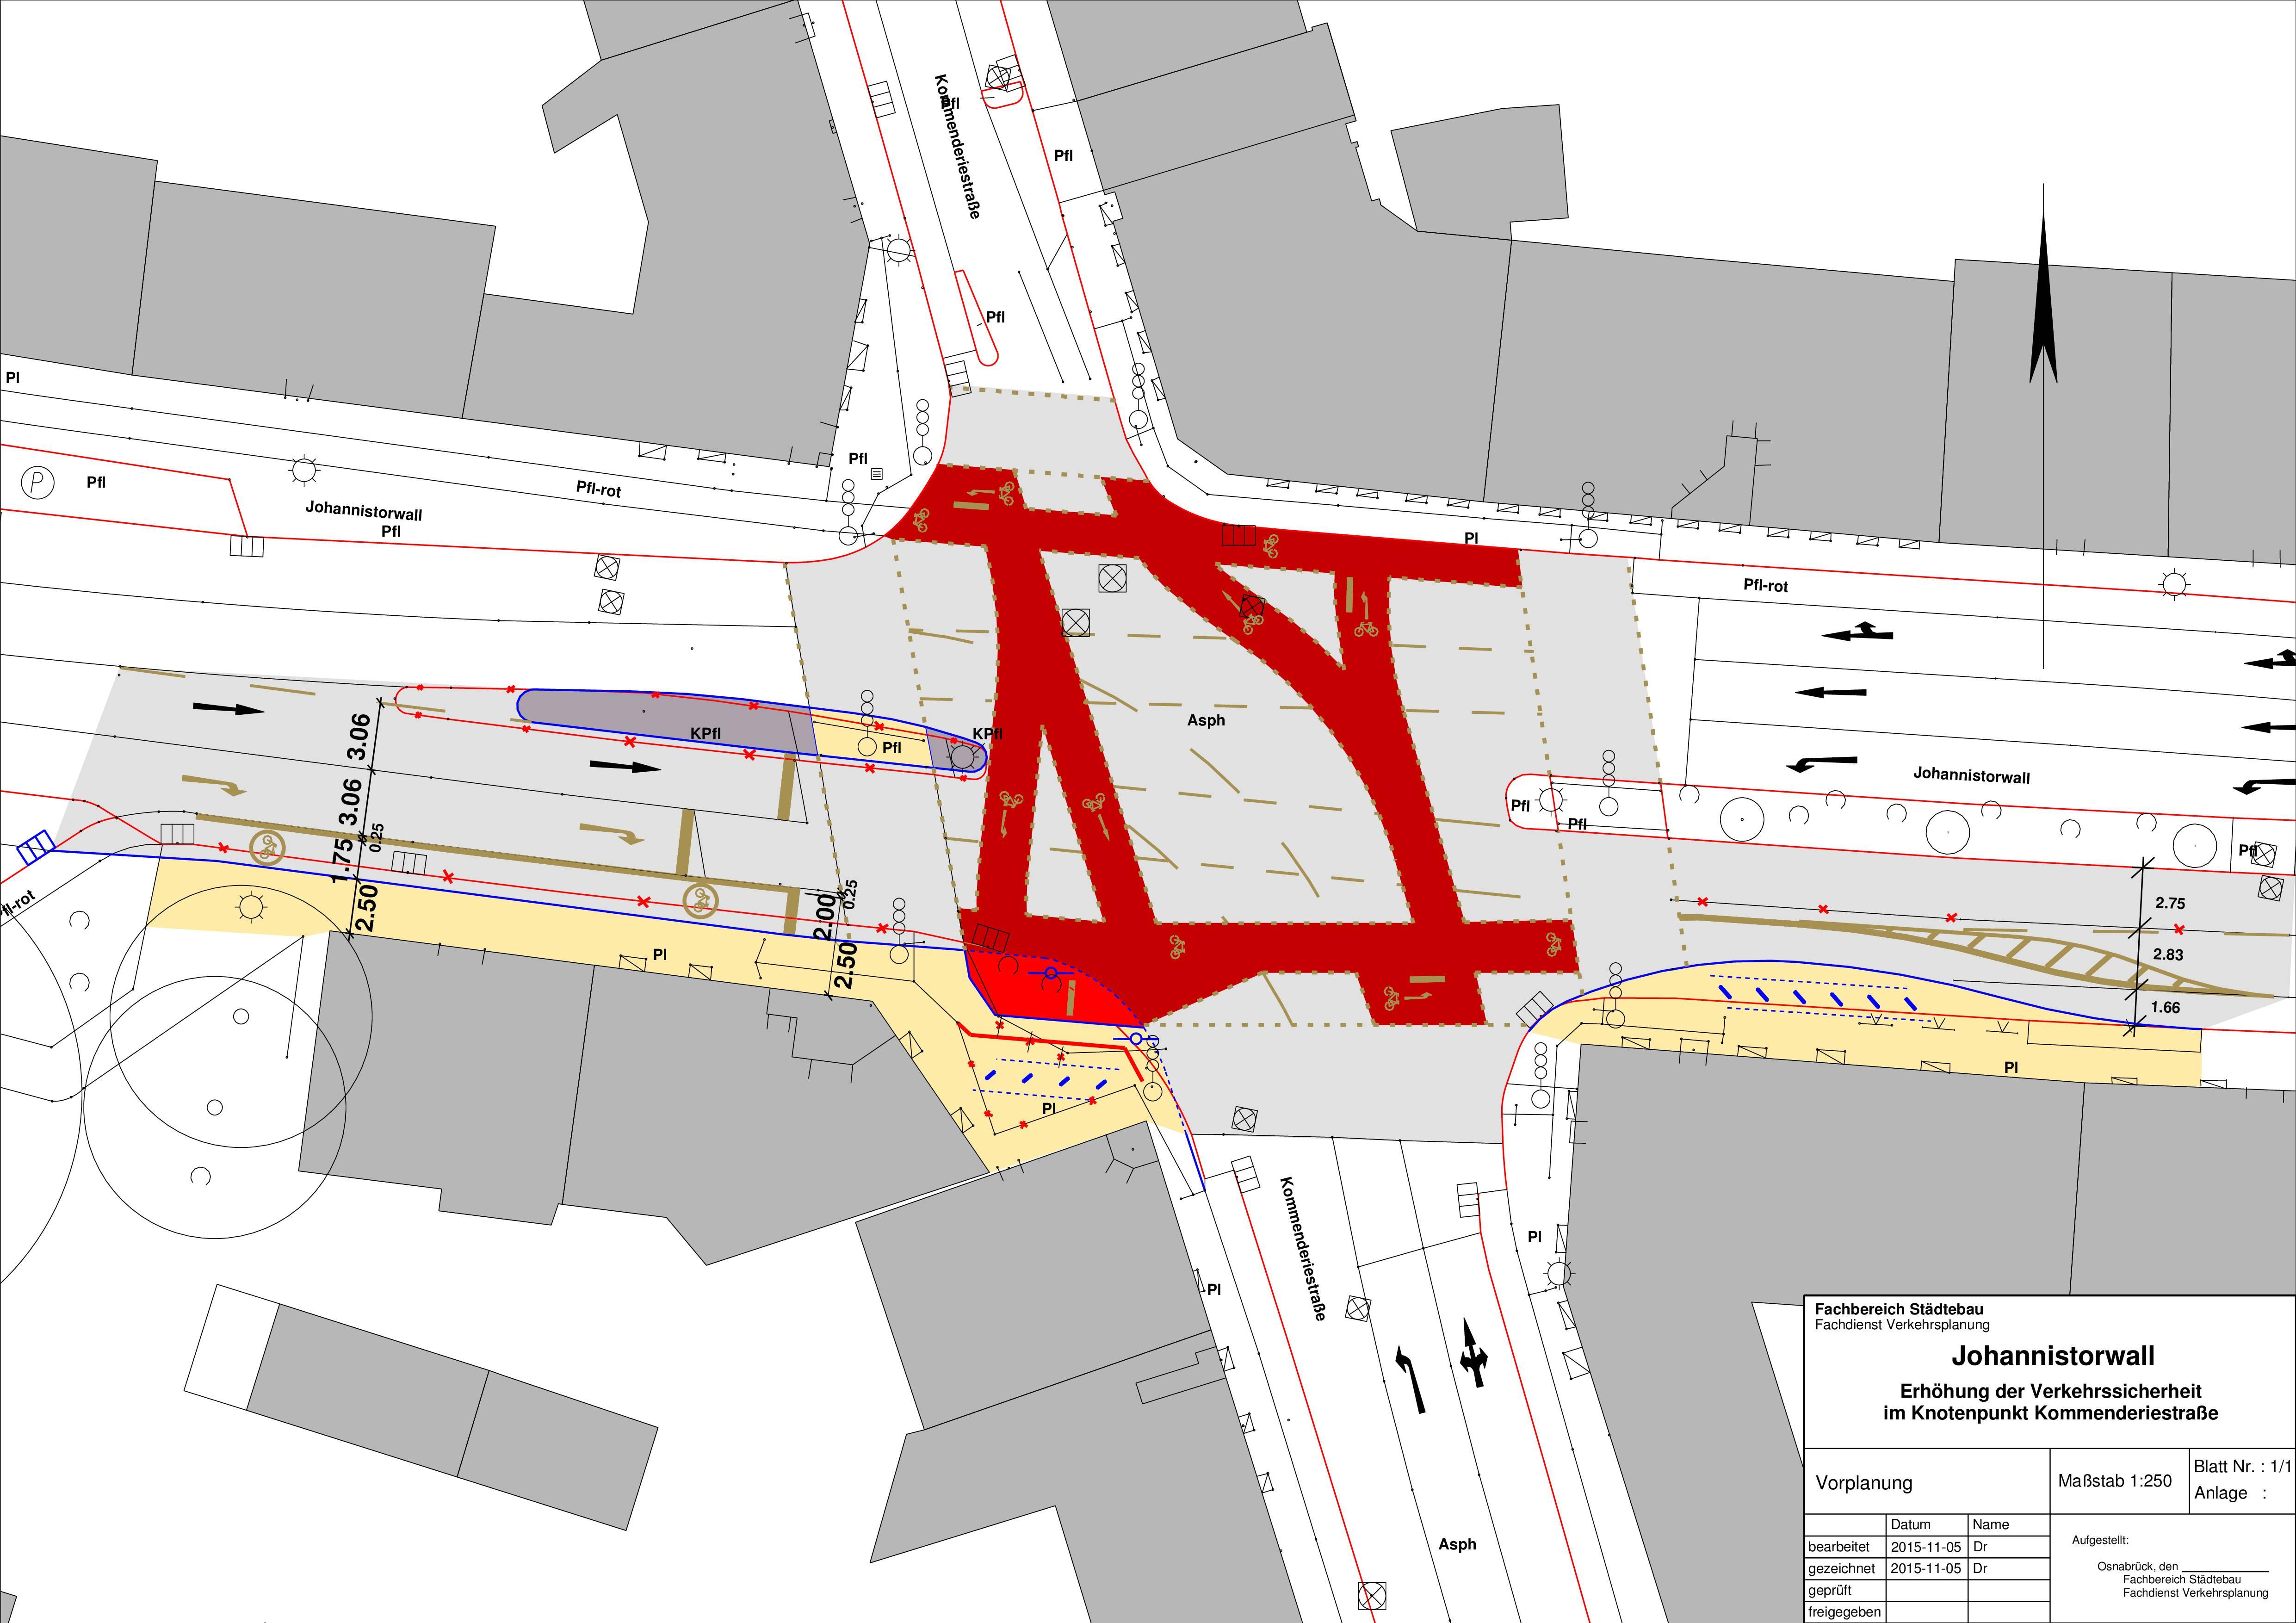 Lageplan Umbau Kommenderiestrasse